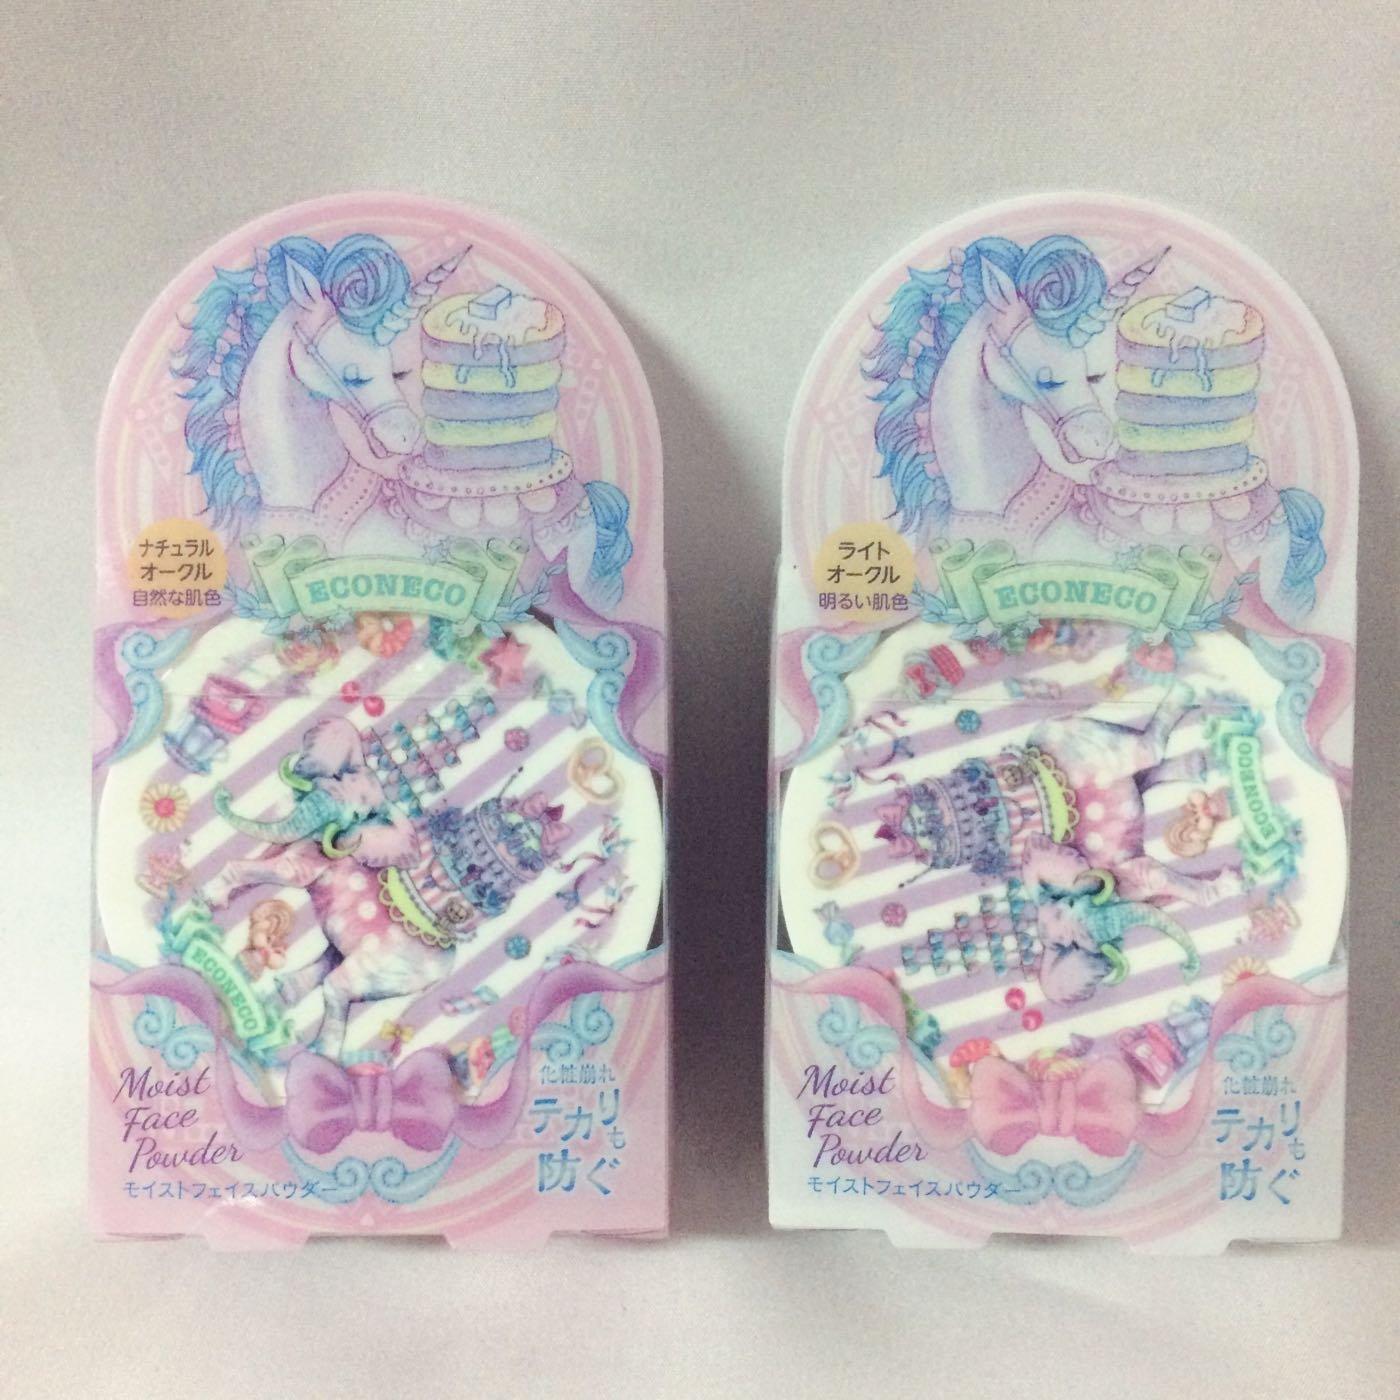 【Econeco繪子貓】夢幻馬戲團保濕蜜粉(透膚自然色/珠光白皙色)8g